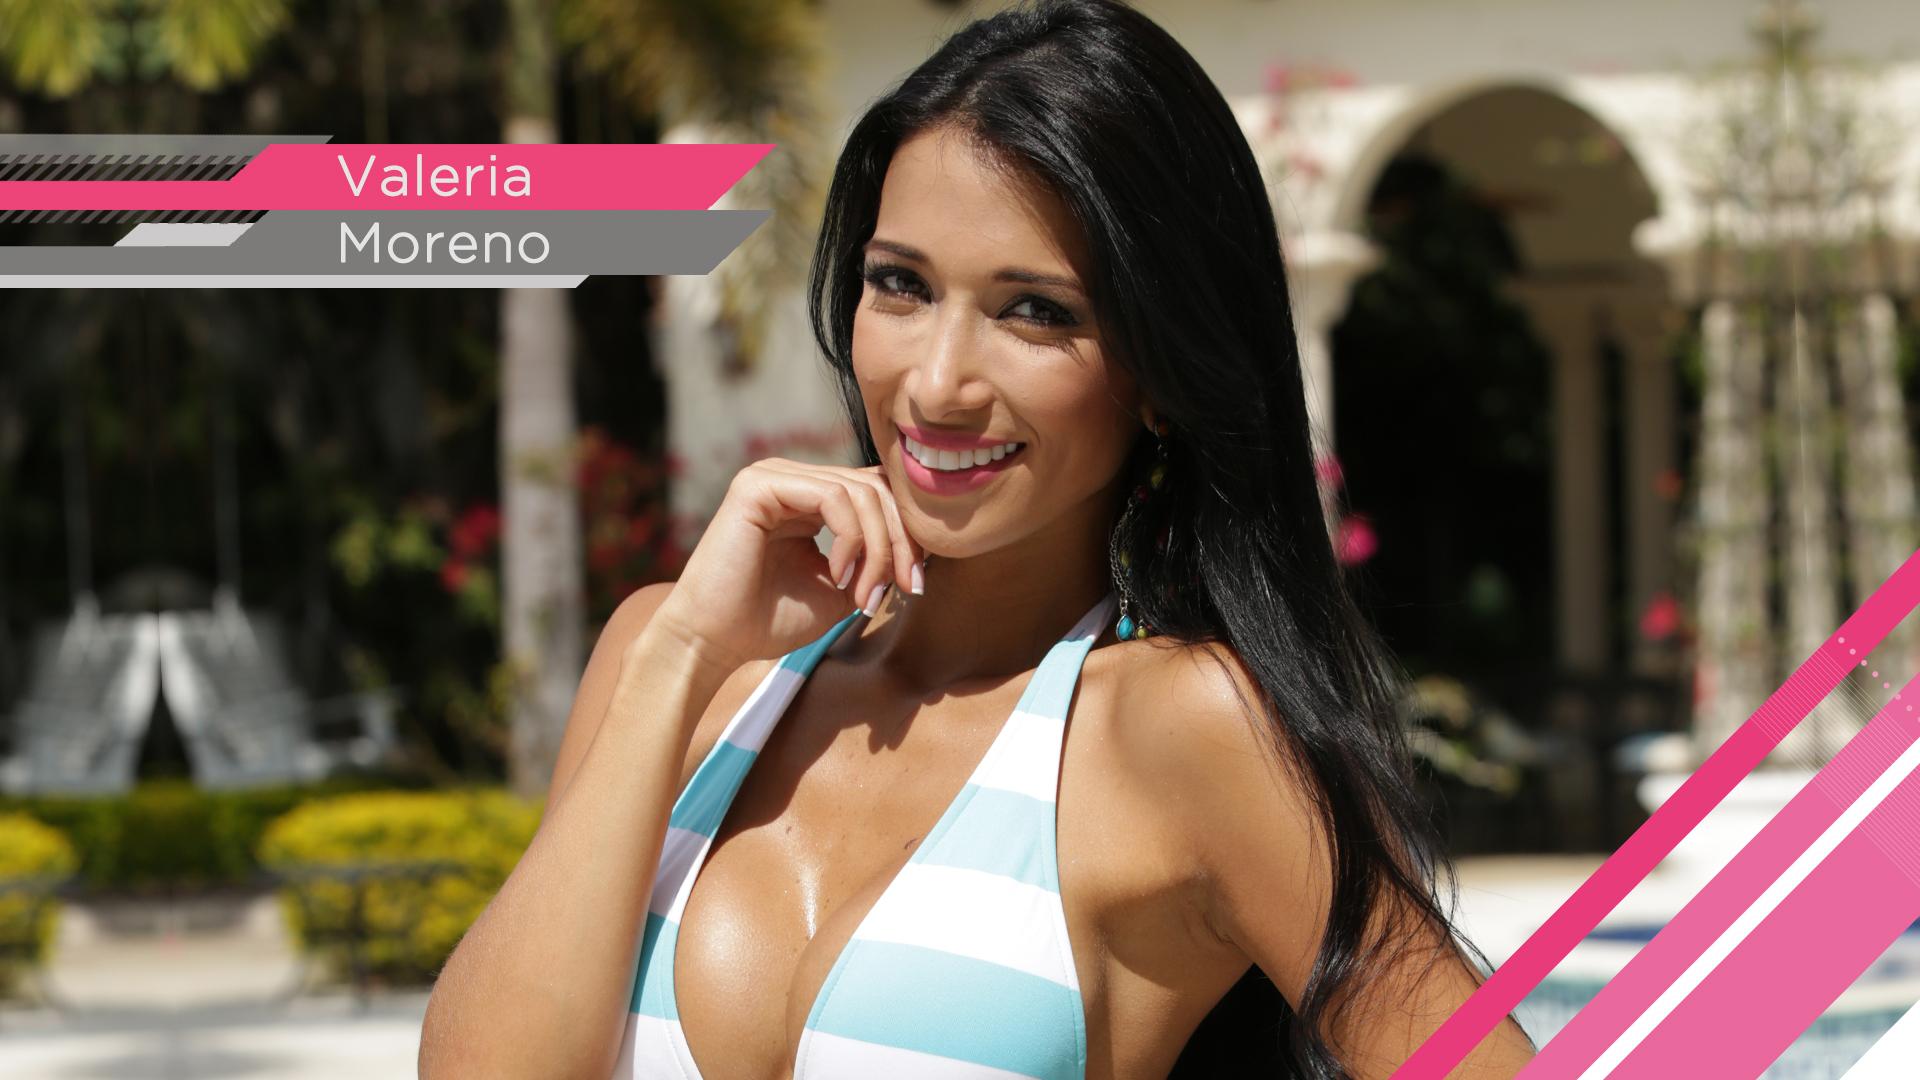 Bikini Valeria Moreno nude photos 2019